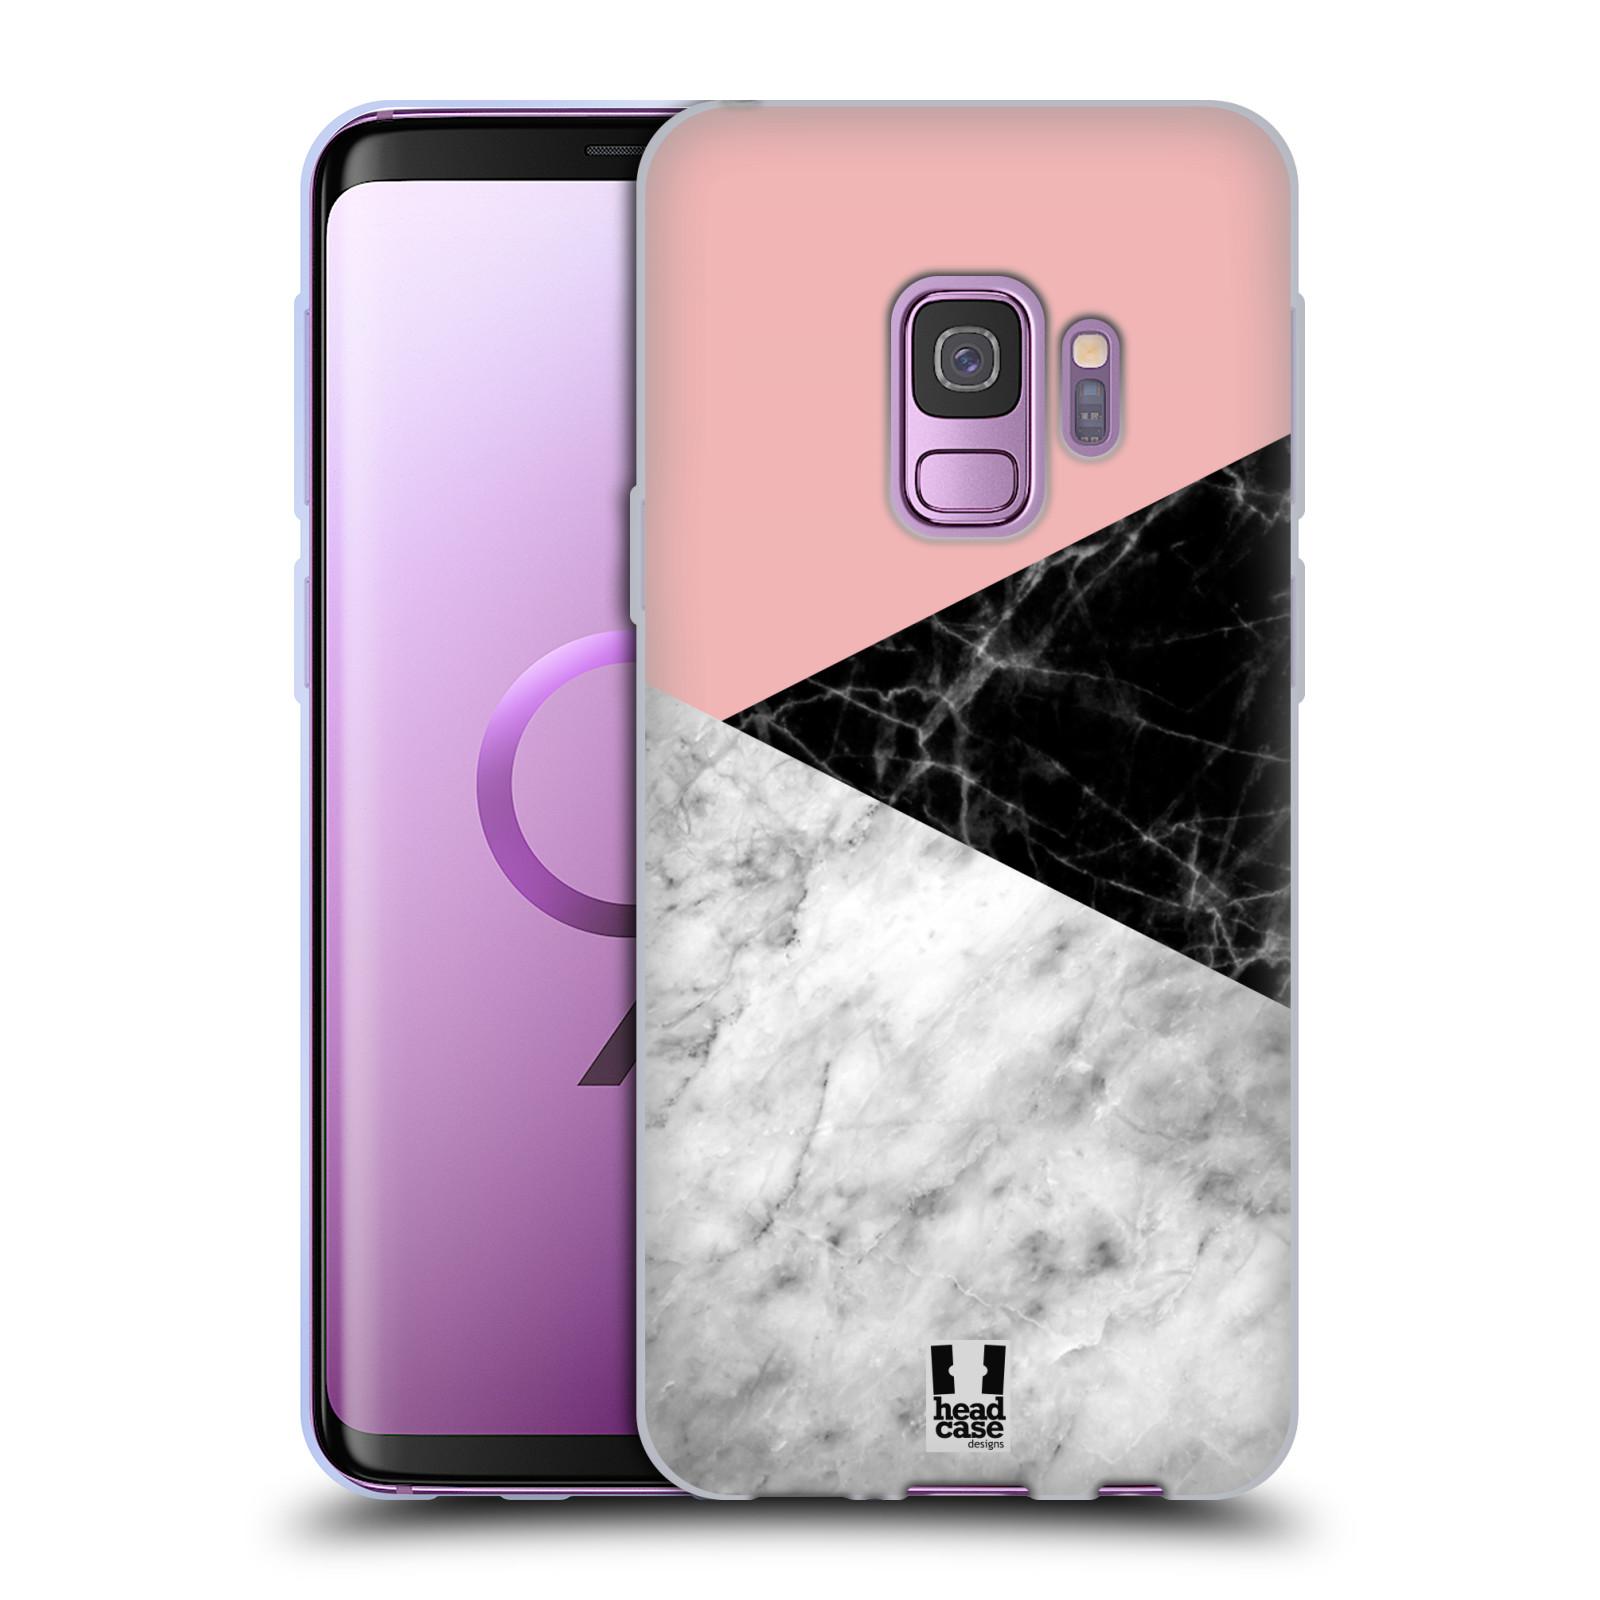 Silikonové pouzdro na mobil Samsung Galaxy S9 - Head Case - Mramor mix